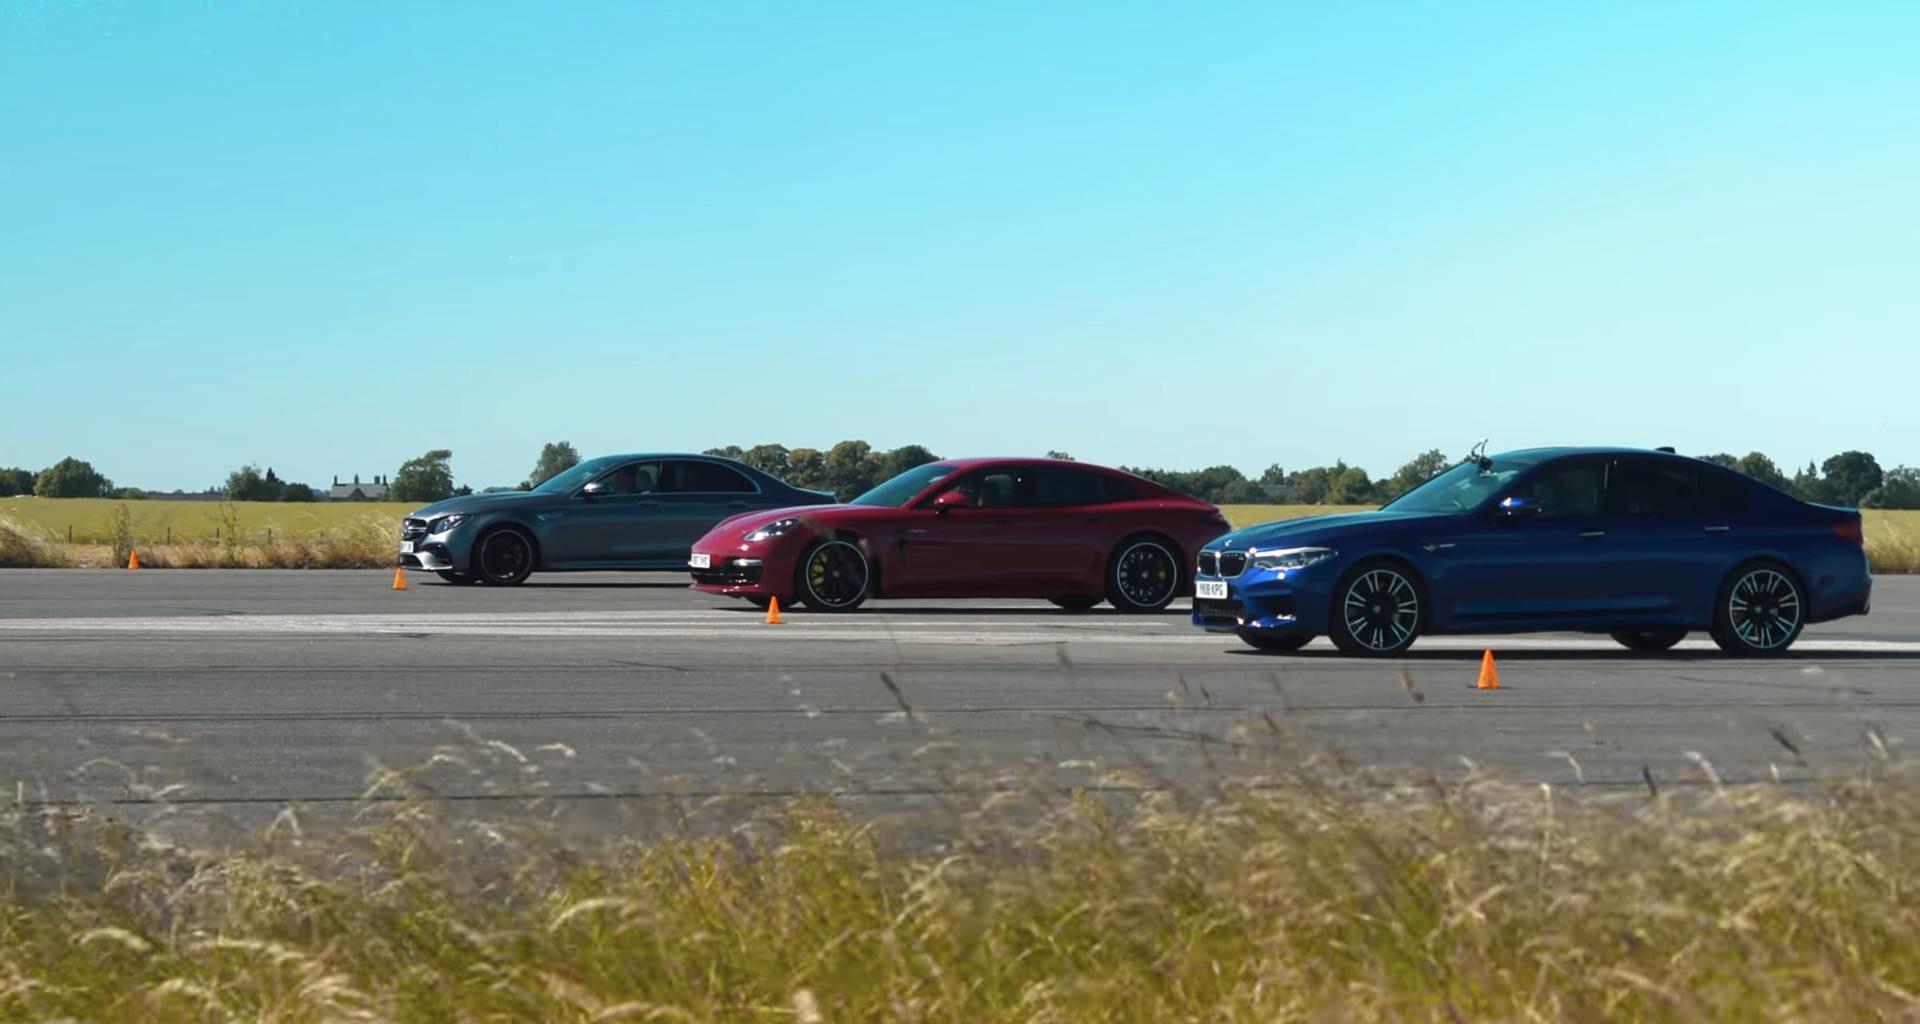 BMW M5, Mercedes-AMG E63 S и гибридный Porsche Panamera сравнили в дрэг-гонке